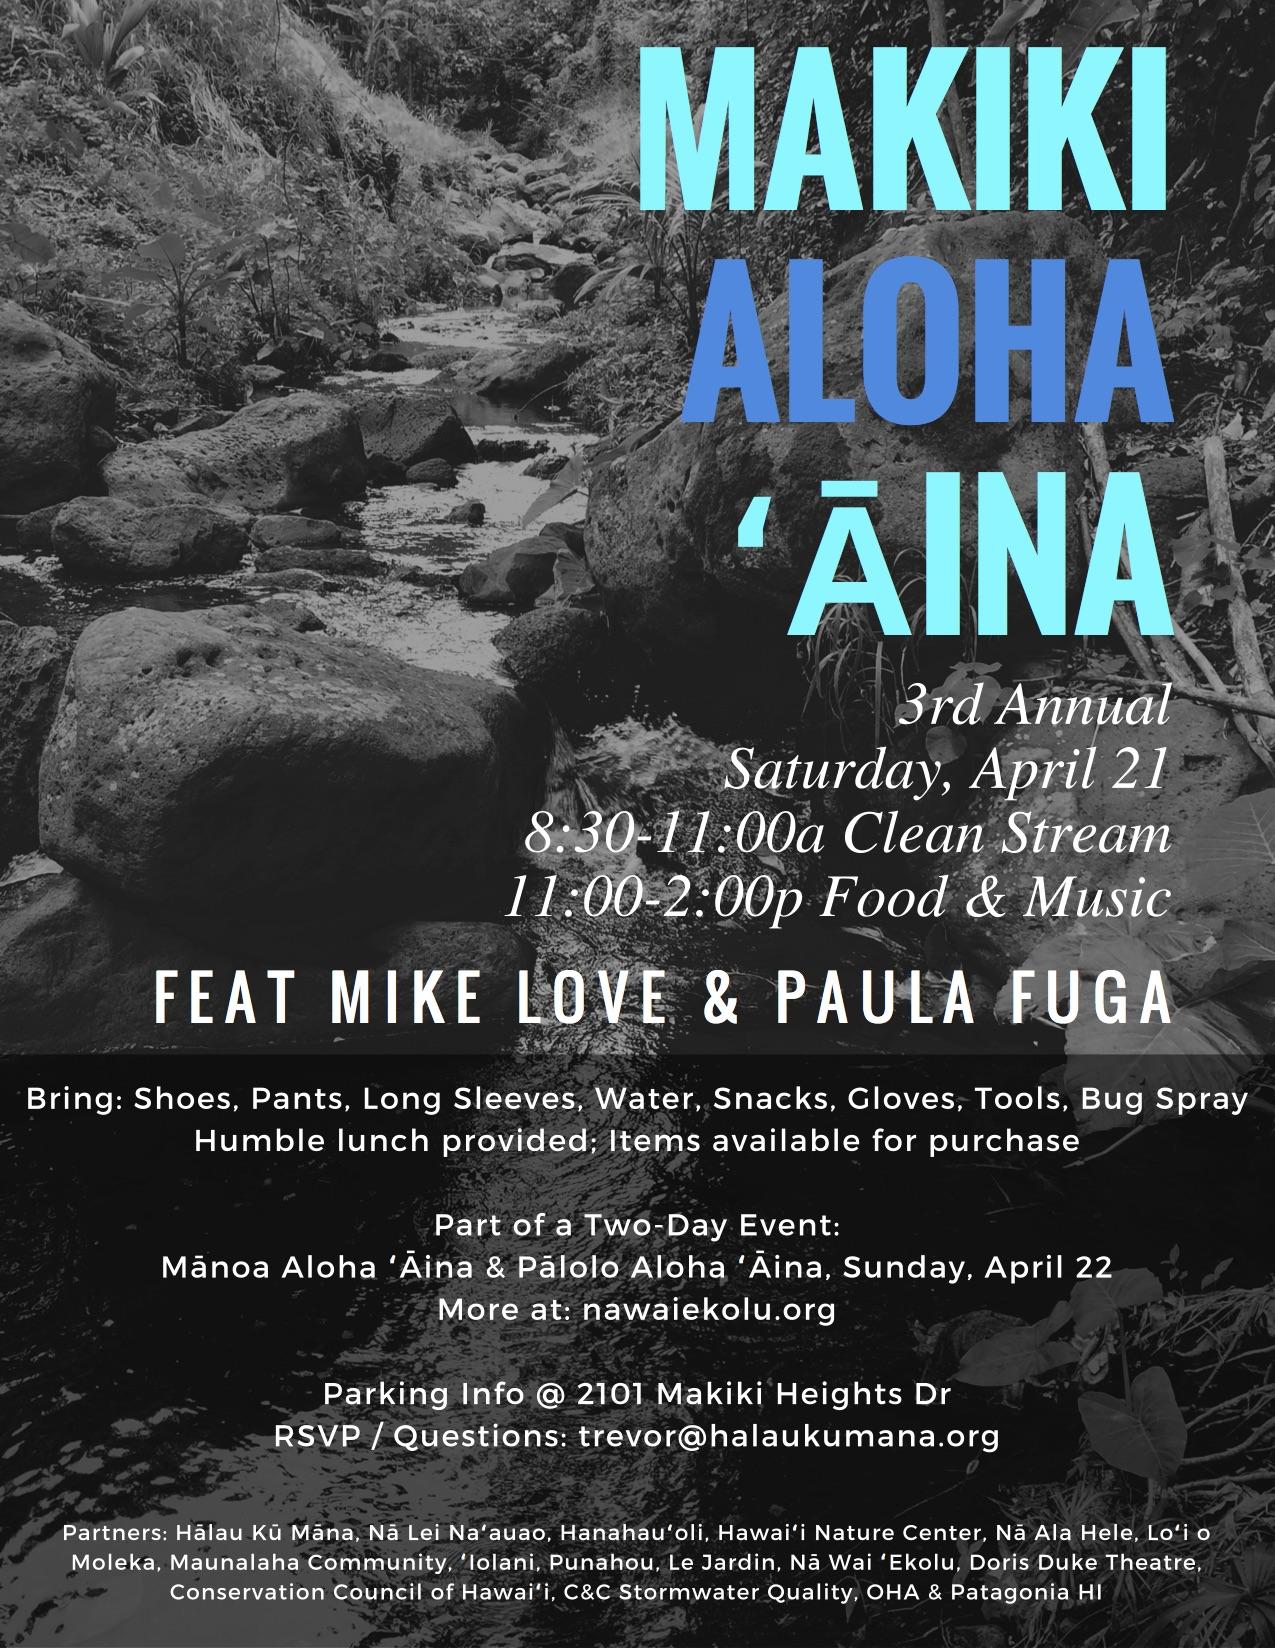 Makiki Aloha Aina.Flyer.2018.jpg